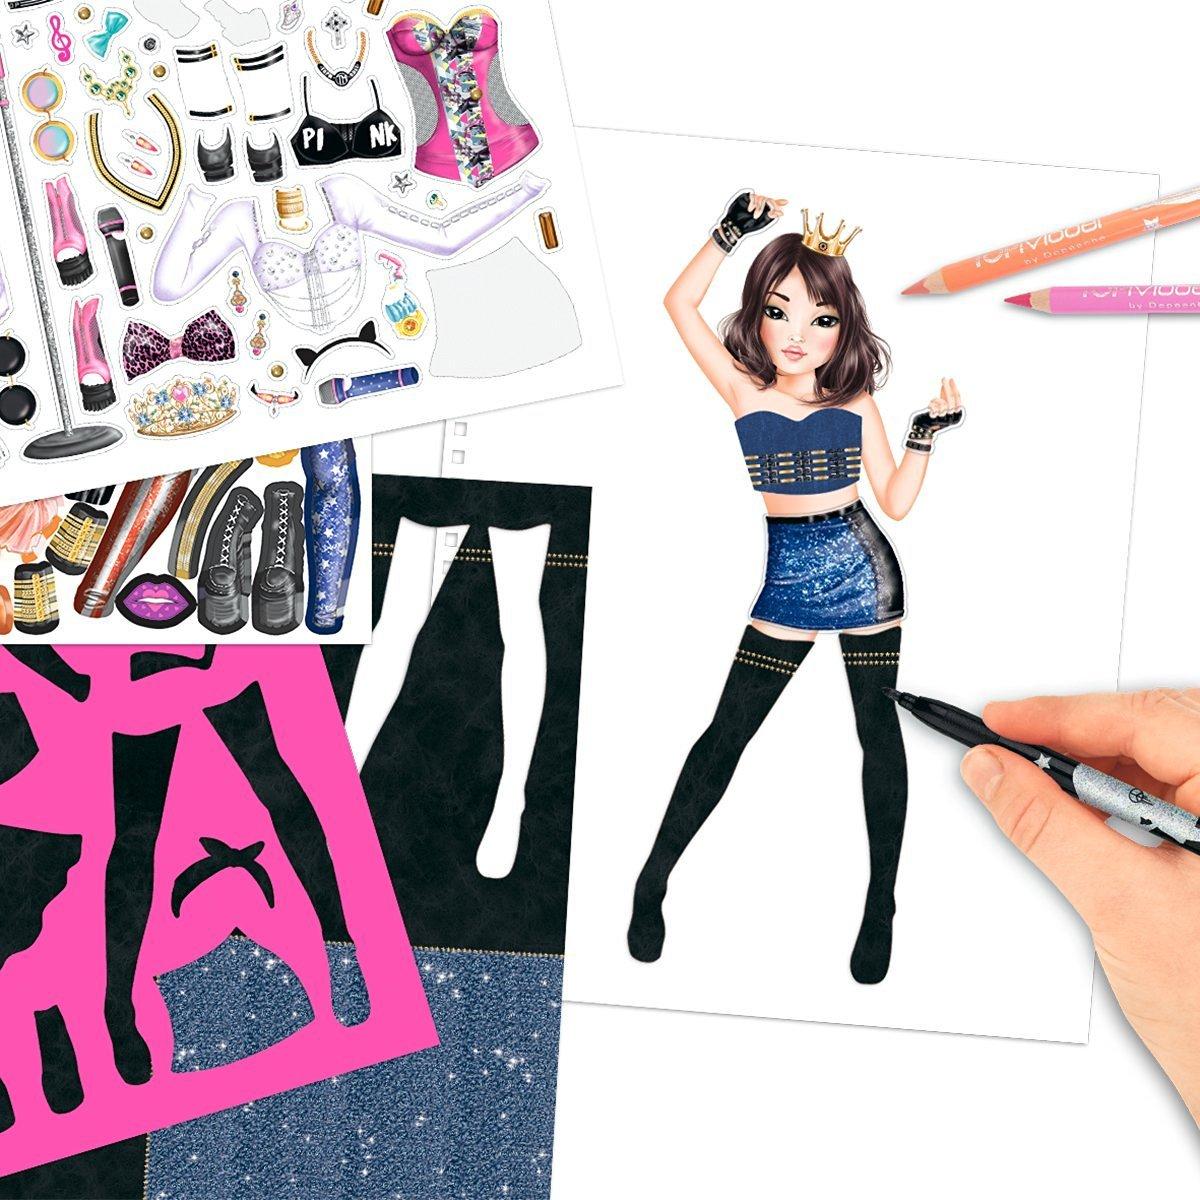 8493_A - Topmodel Agenda Popstar para Colorear: Amazon.es ...